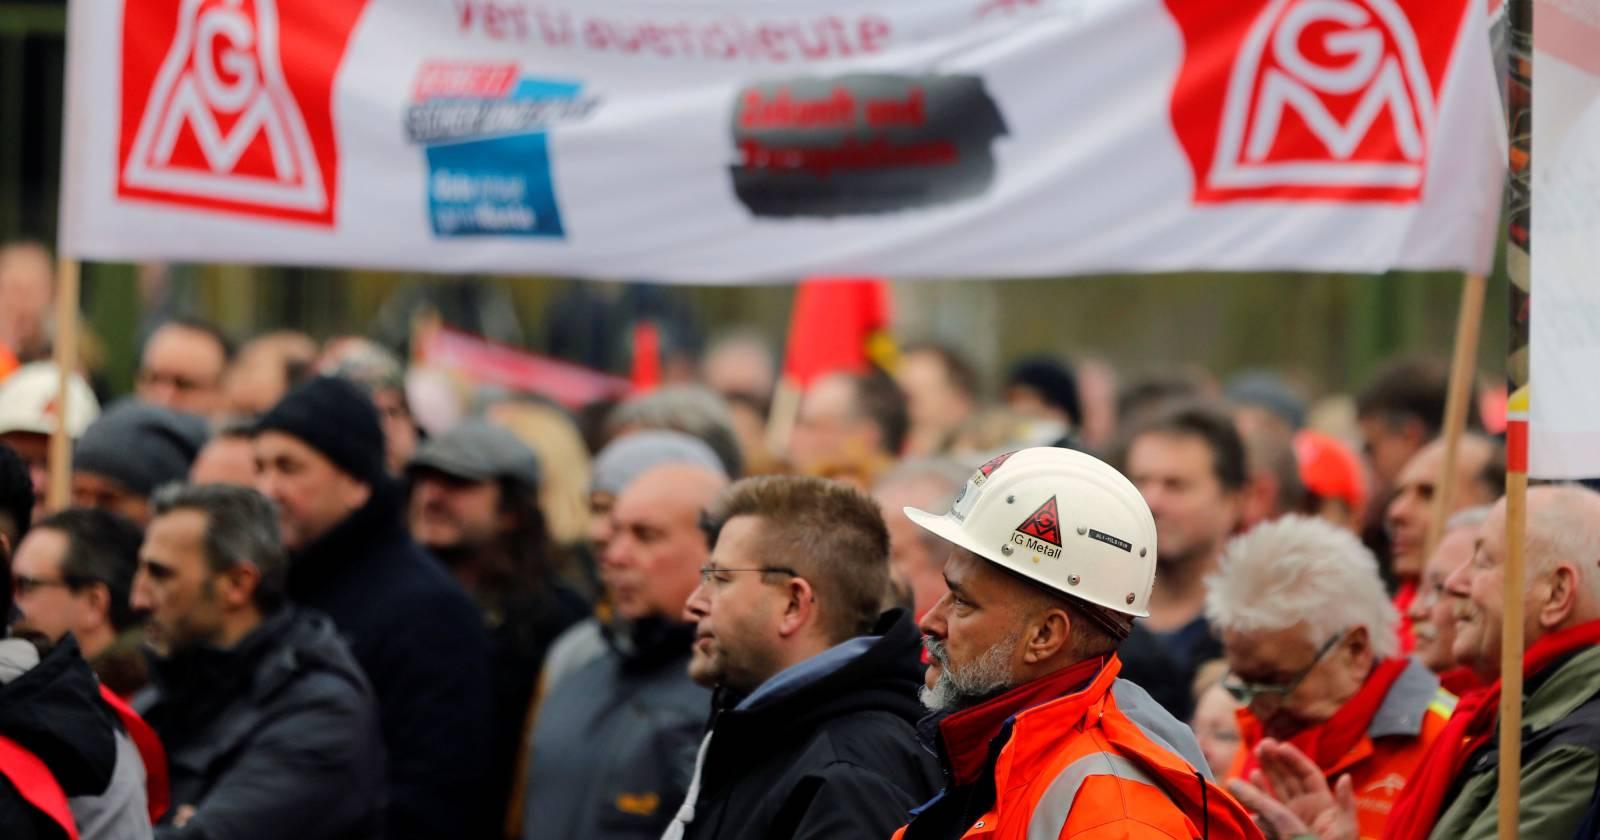 Sindicato más grande de Alemania propone semana laboral de cuatro días para evitar despidos